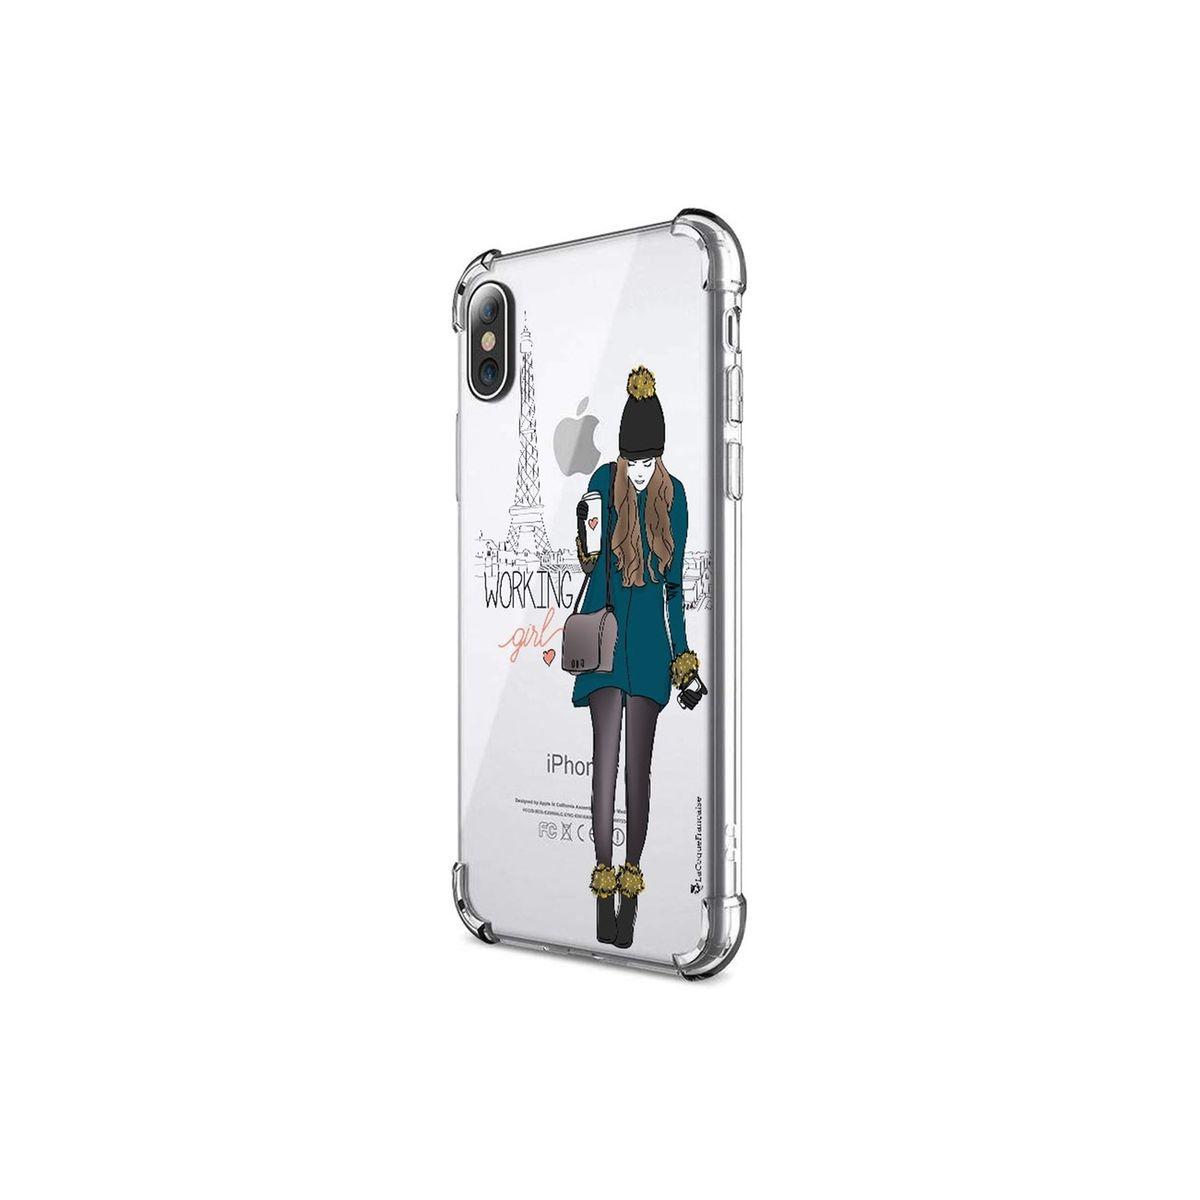 Coque iPhone X iPhone XS anti-choc souple avec angles renforcés transparente, Working girl, La Coque Francaise®